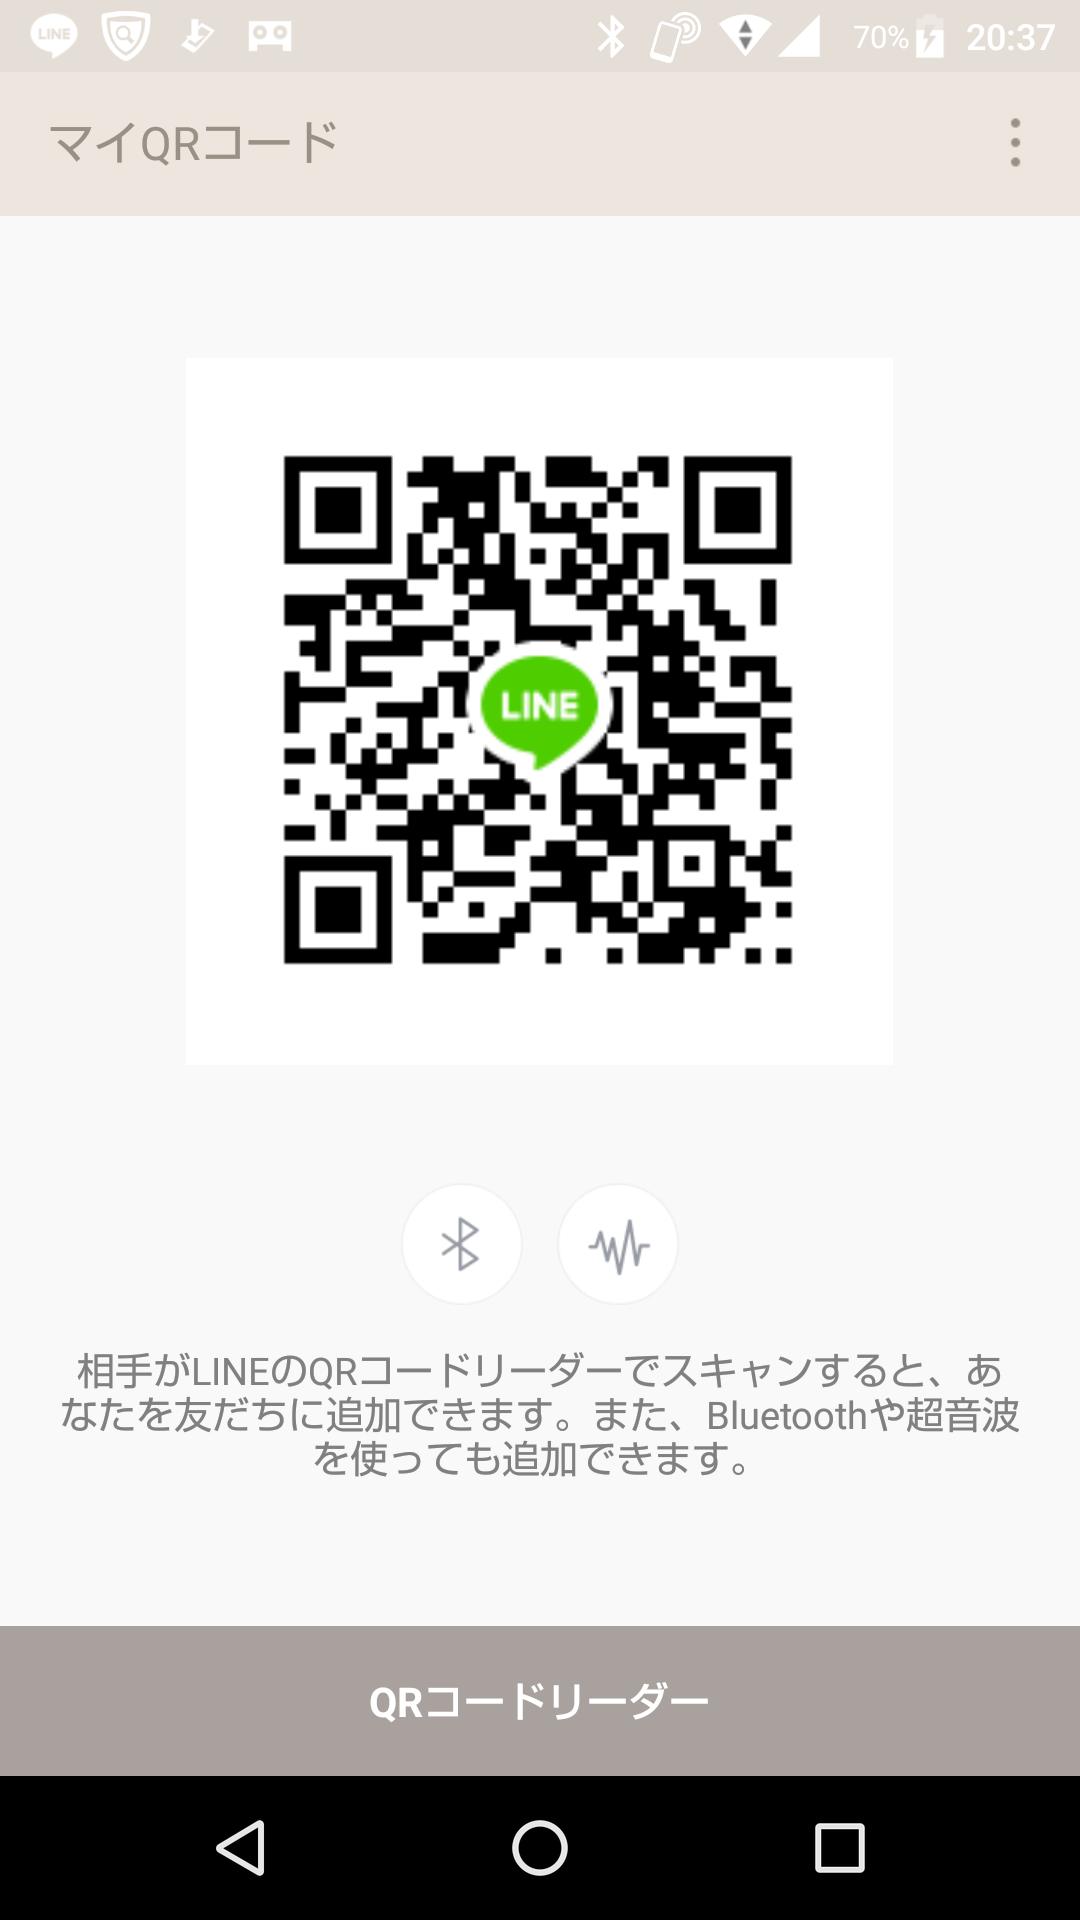 花楓さんのLINE QRコード